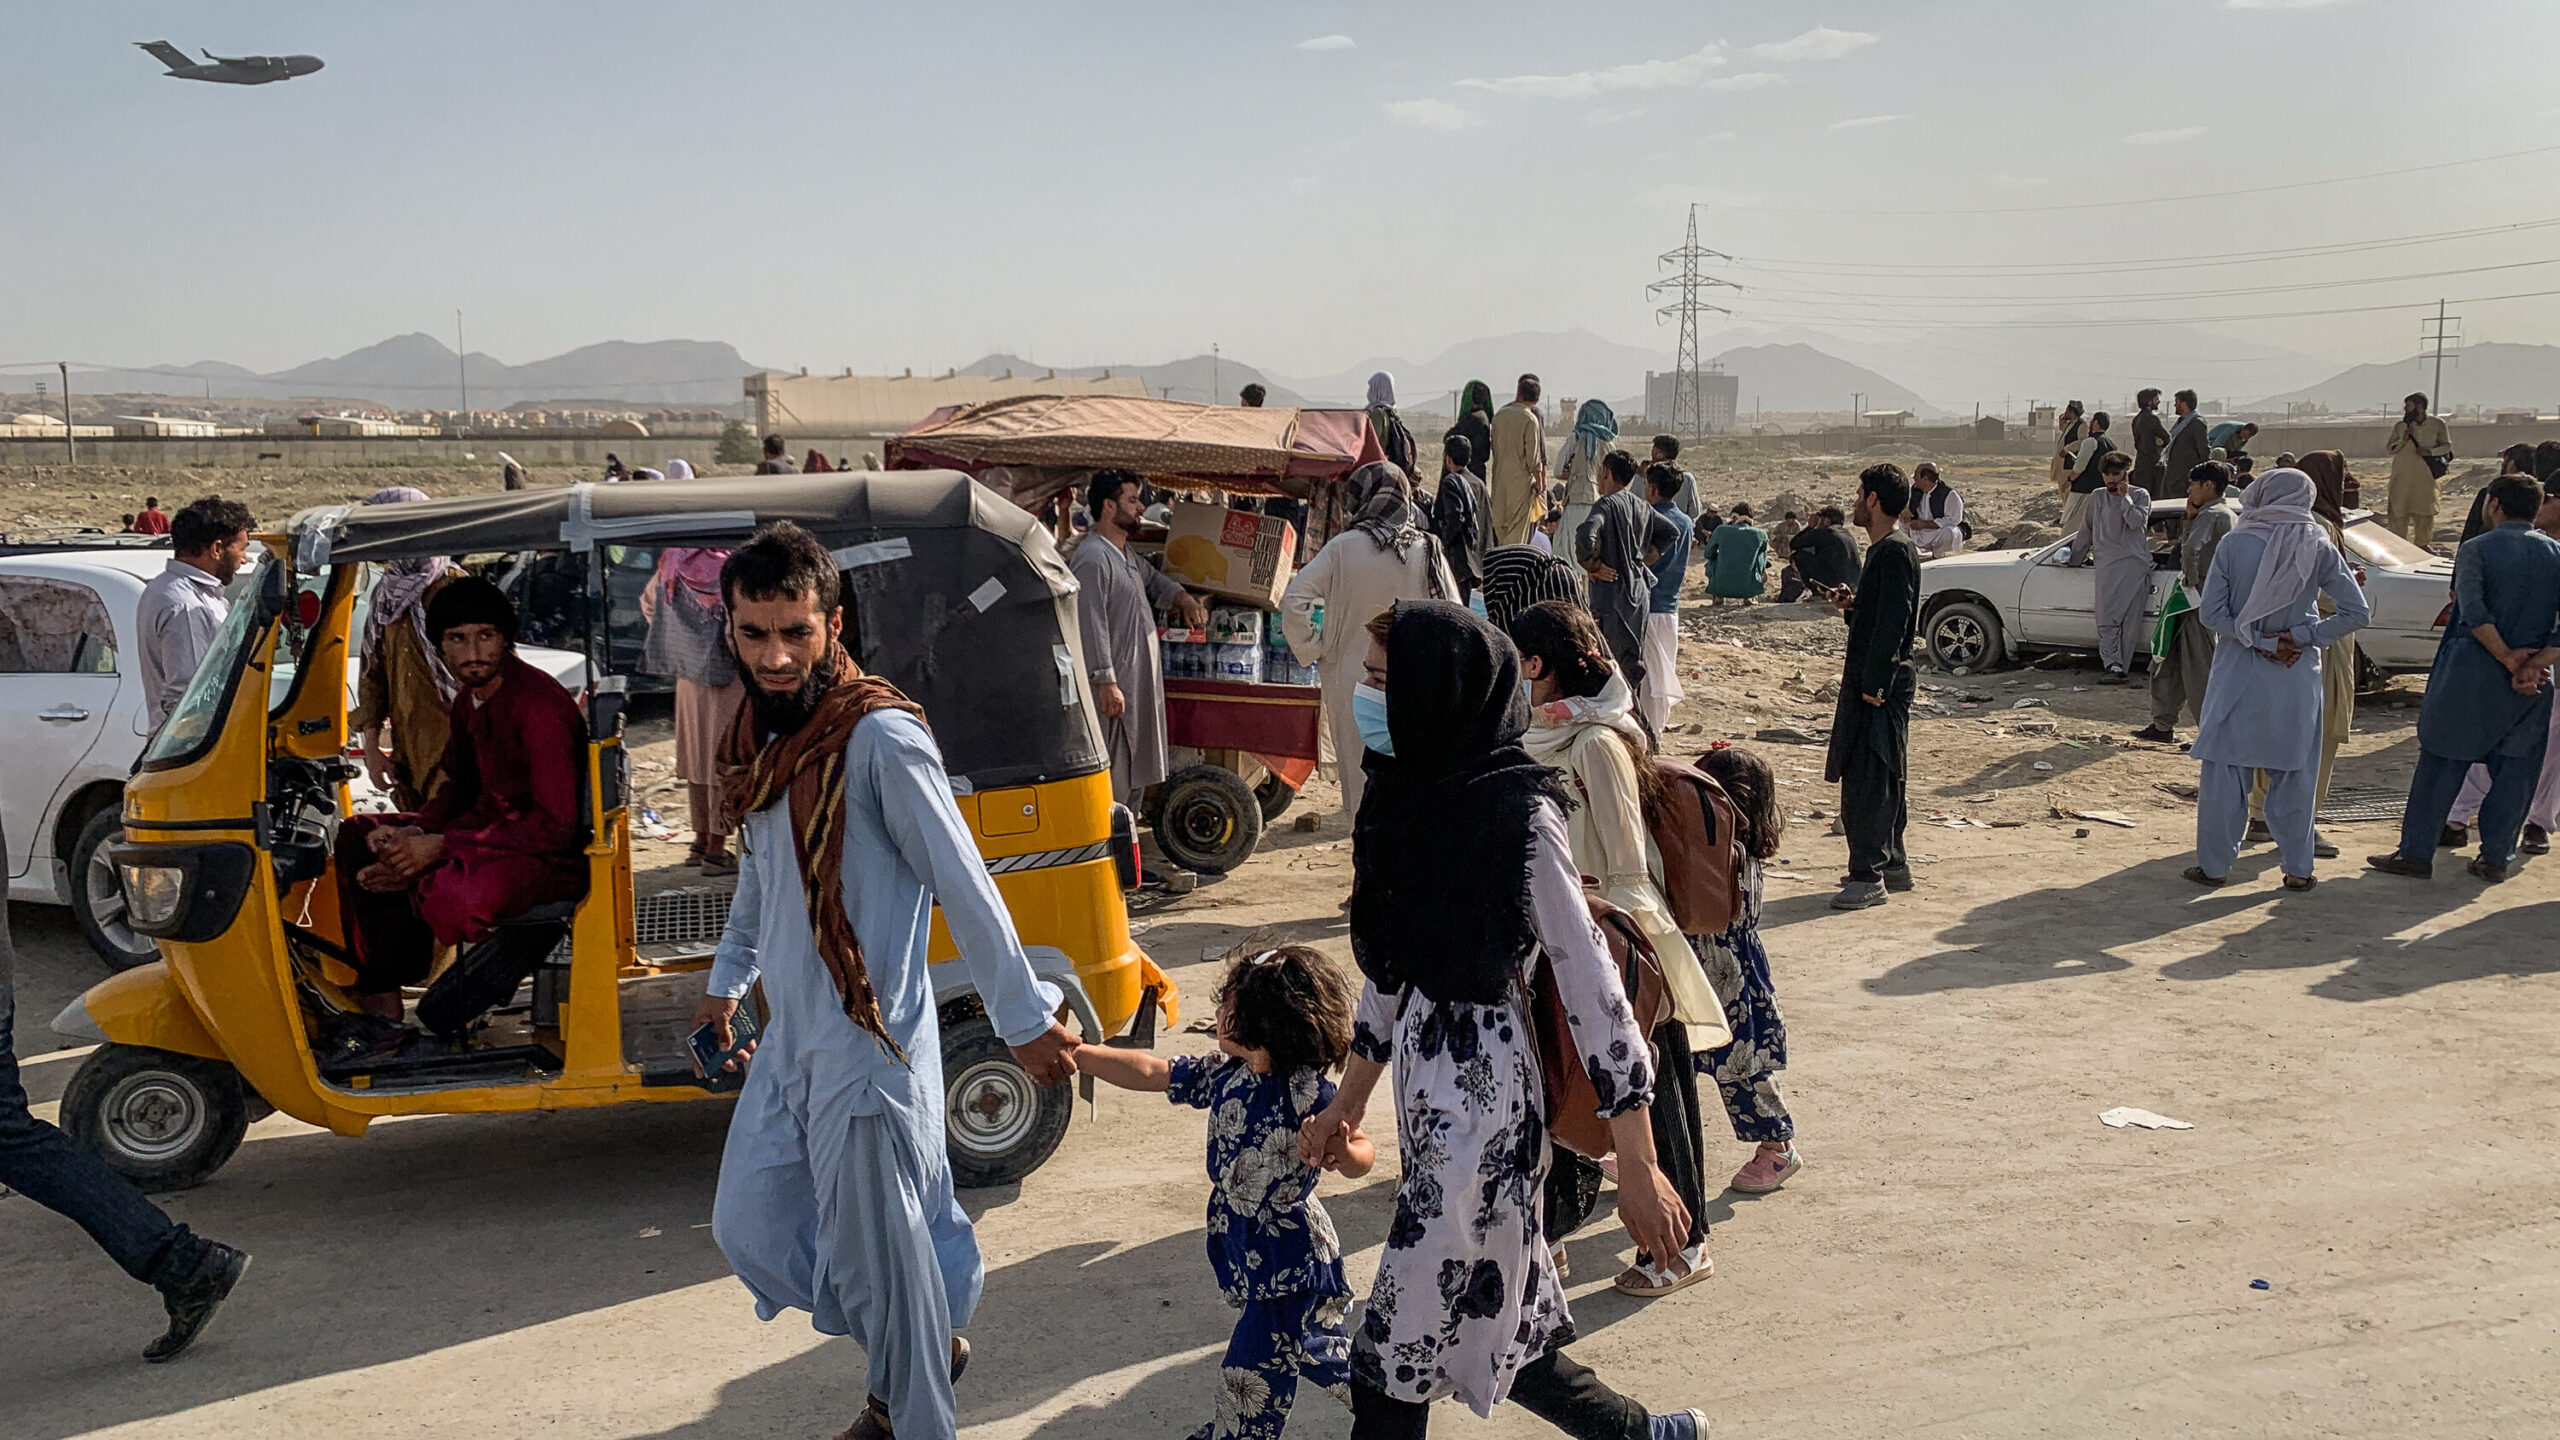 ملګرو ملتونو خبرداری ورکړی دی چې راتلونکی مياشتو کې به ډېری افغانان هیواد څخه ووځی